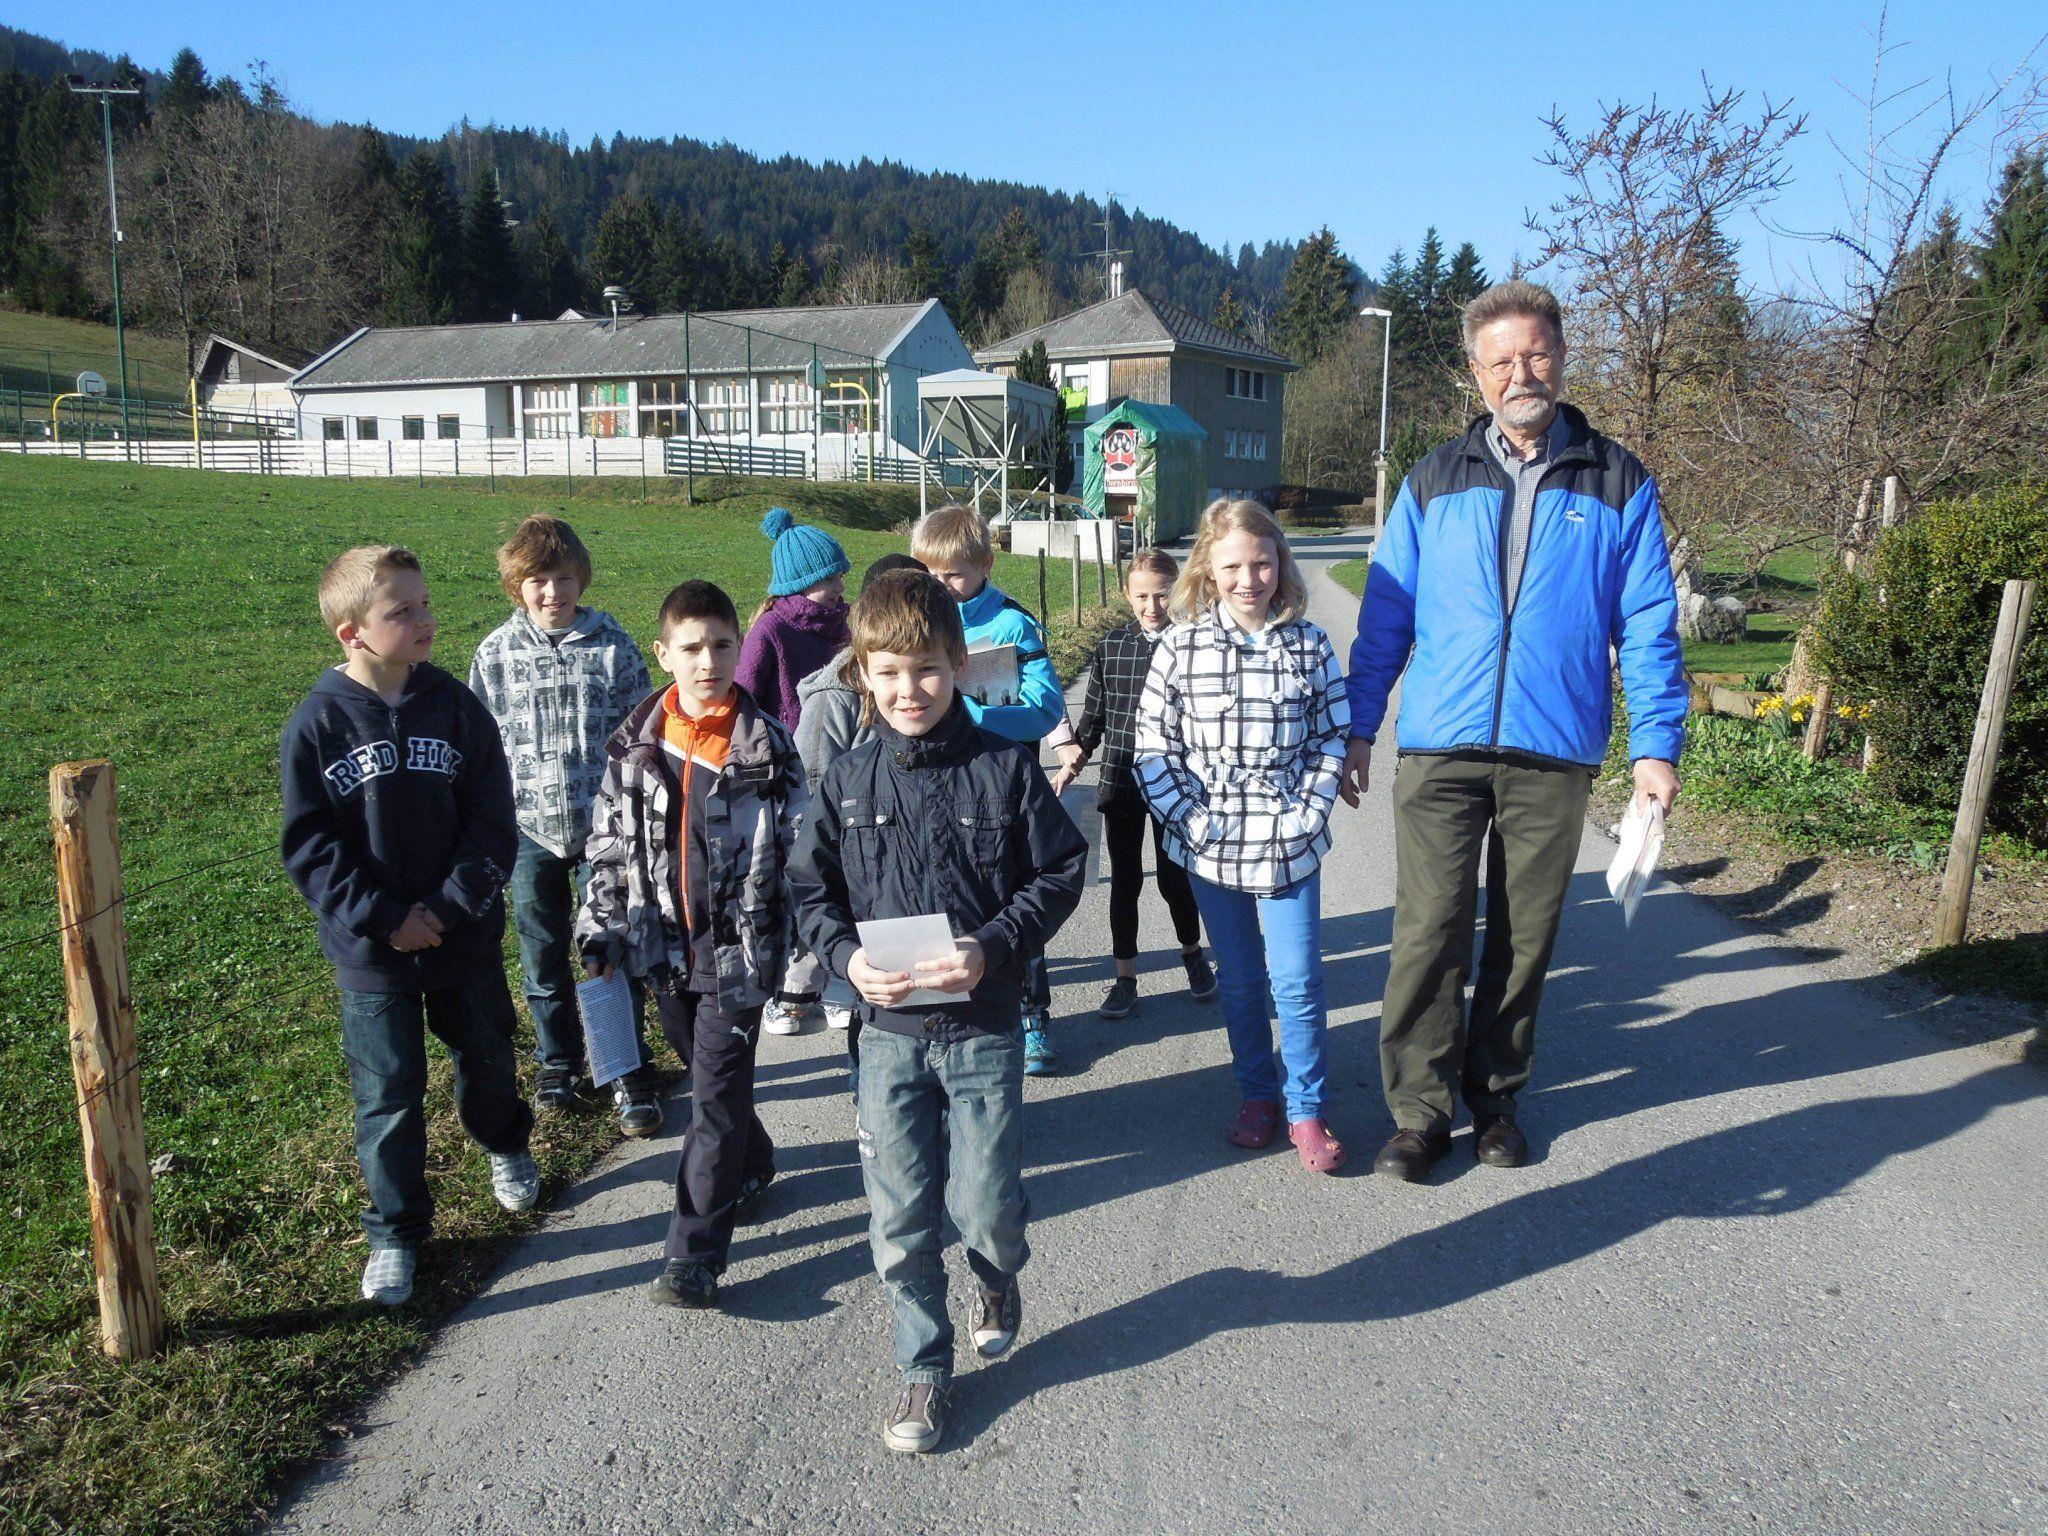 Die Kinder der VS Winsau brachten die Sagen zu den Bewohnern ihrer Nachbarschaft.